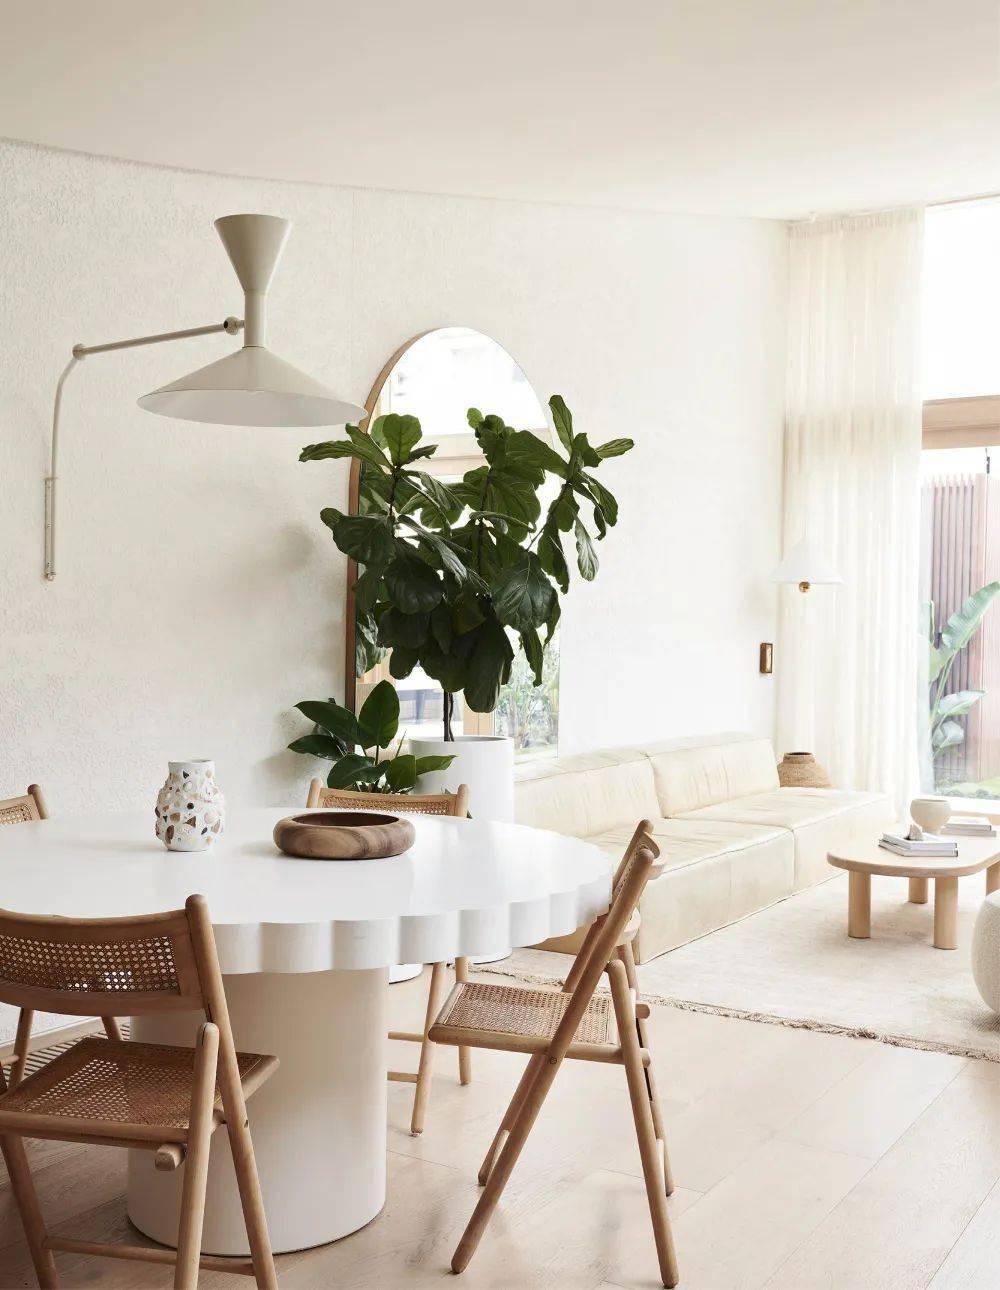 清新自然的原木风,优乐平台,优乐平台登录打造和顺惬意的居家空间